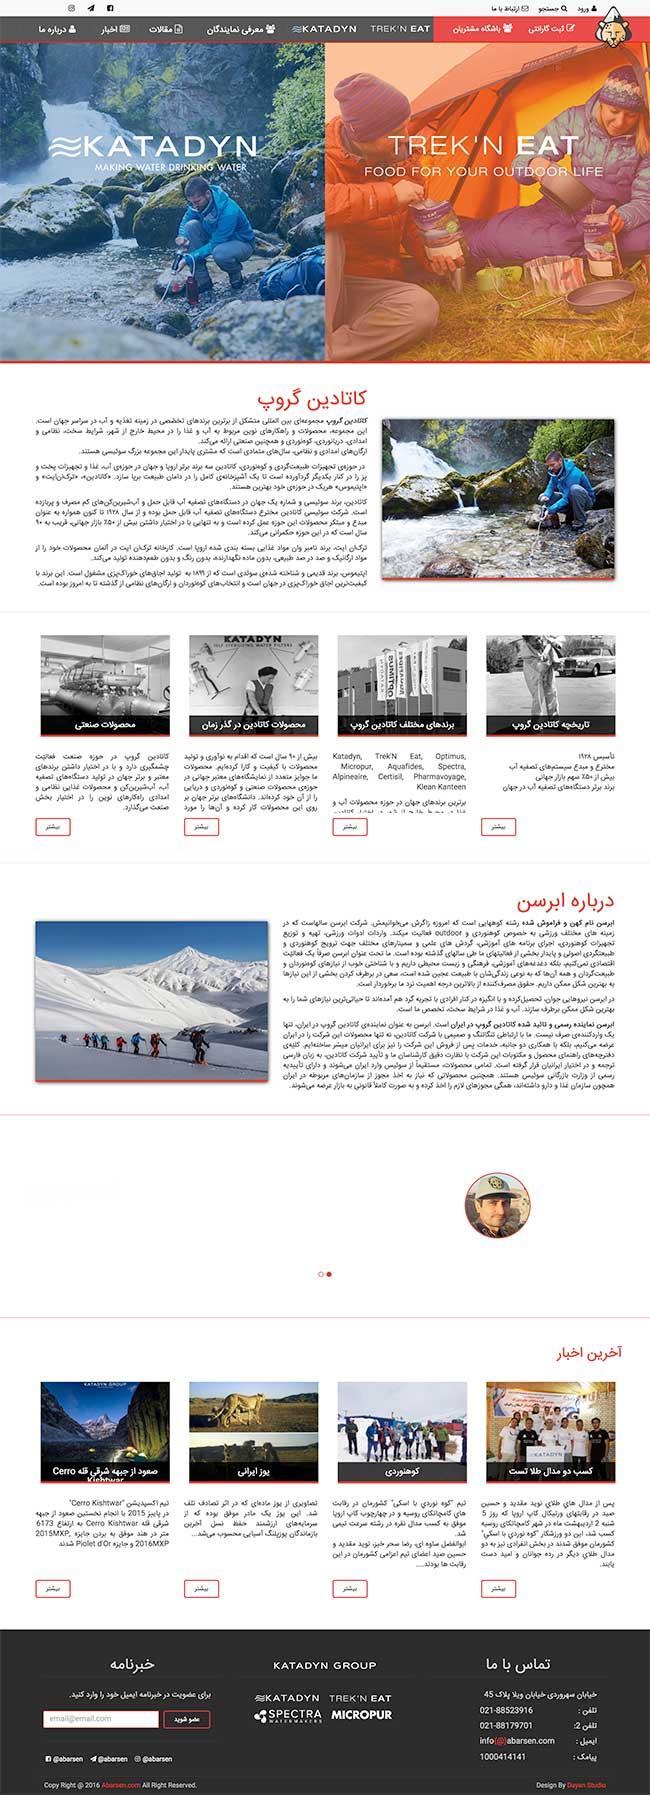 طراحی سایت حوزه گردشگری ابرسان